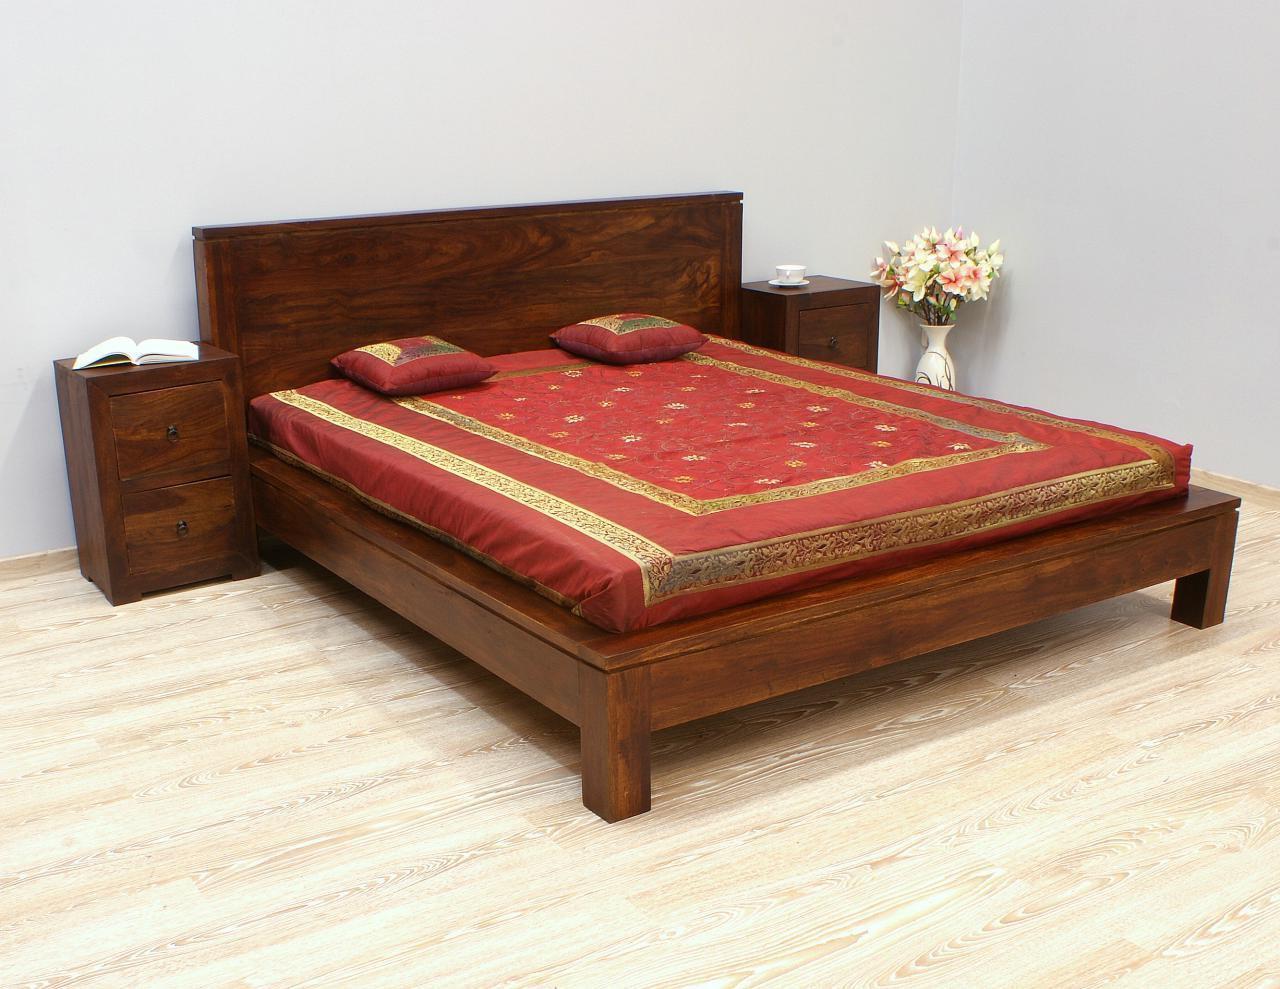 Łóżko kolonialne lite drewno palisander indyjski ciemny brąz modernistyczne